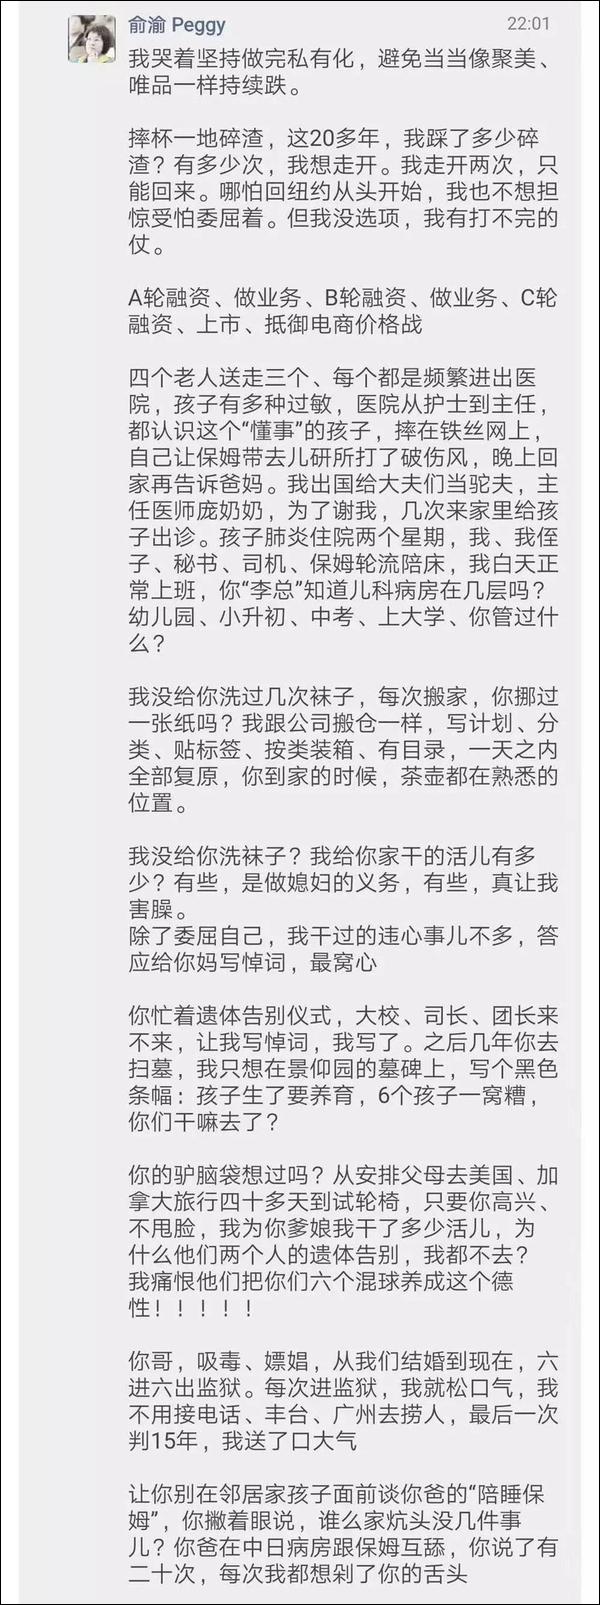 赌王注册送钱_中国建材首三季多赚逾1.2倍 开市飙升逾6%